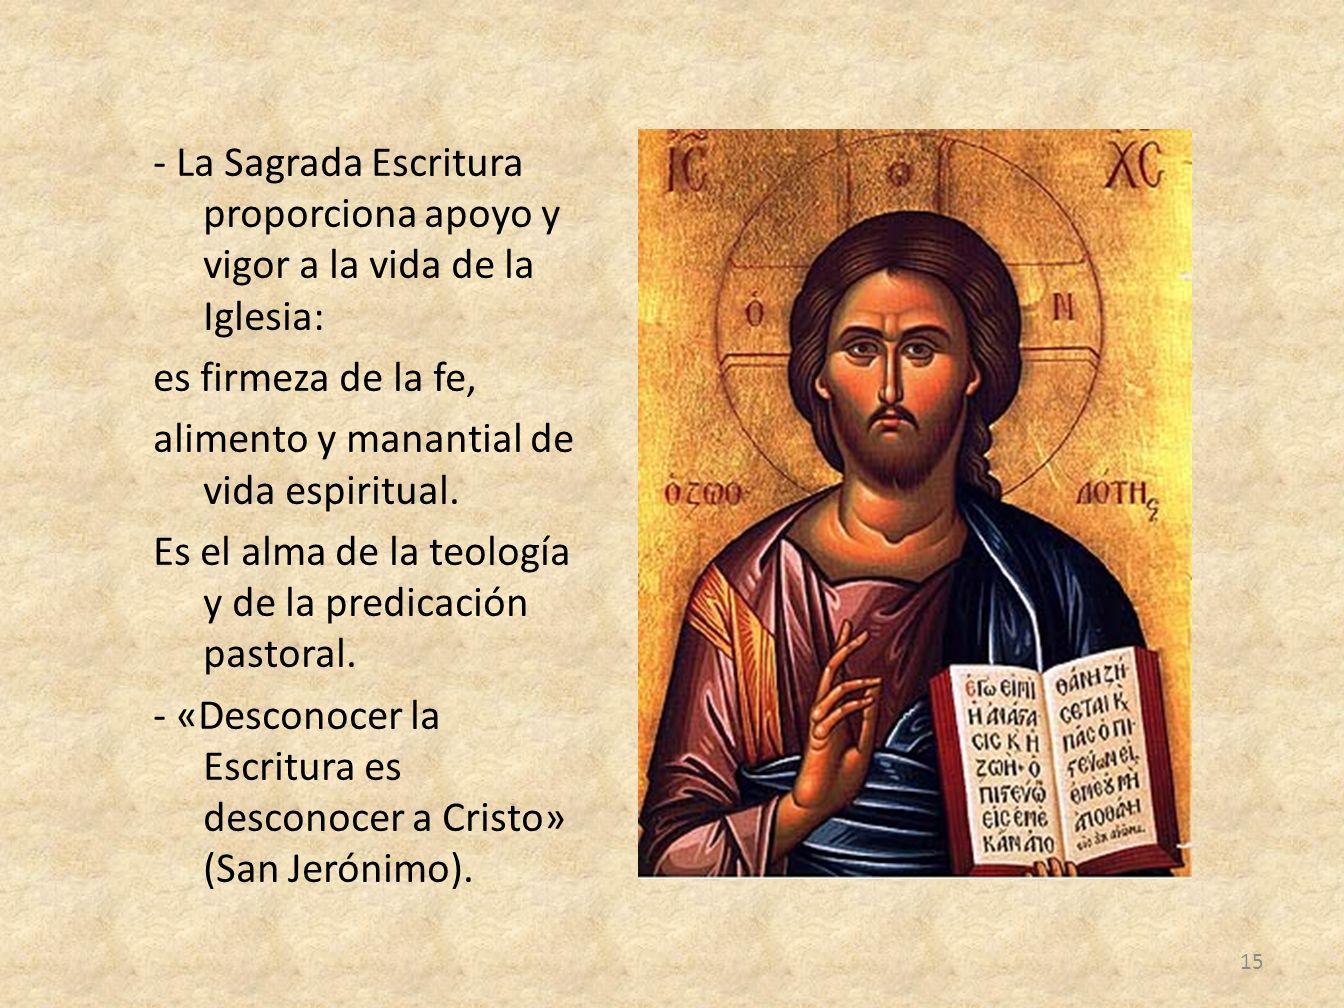 - La Sagrada Escritura proporciona apoyo y vigor a la vida de la Iglesia: es firmeza de la fe, alimento y manantial de vida espiritual. Es el alma de